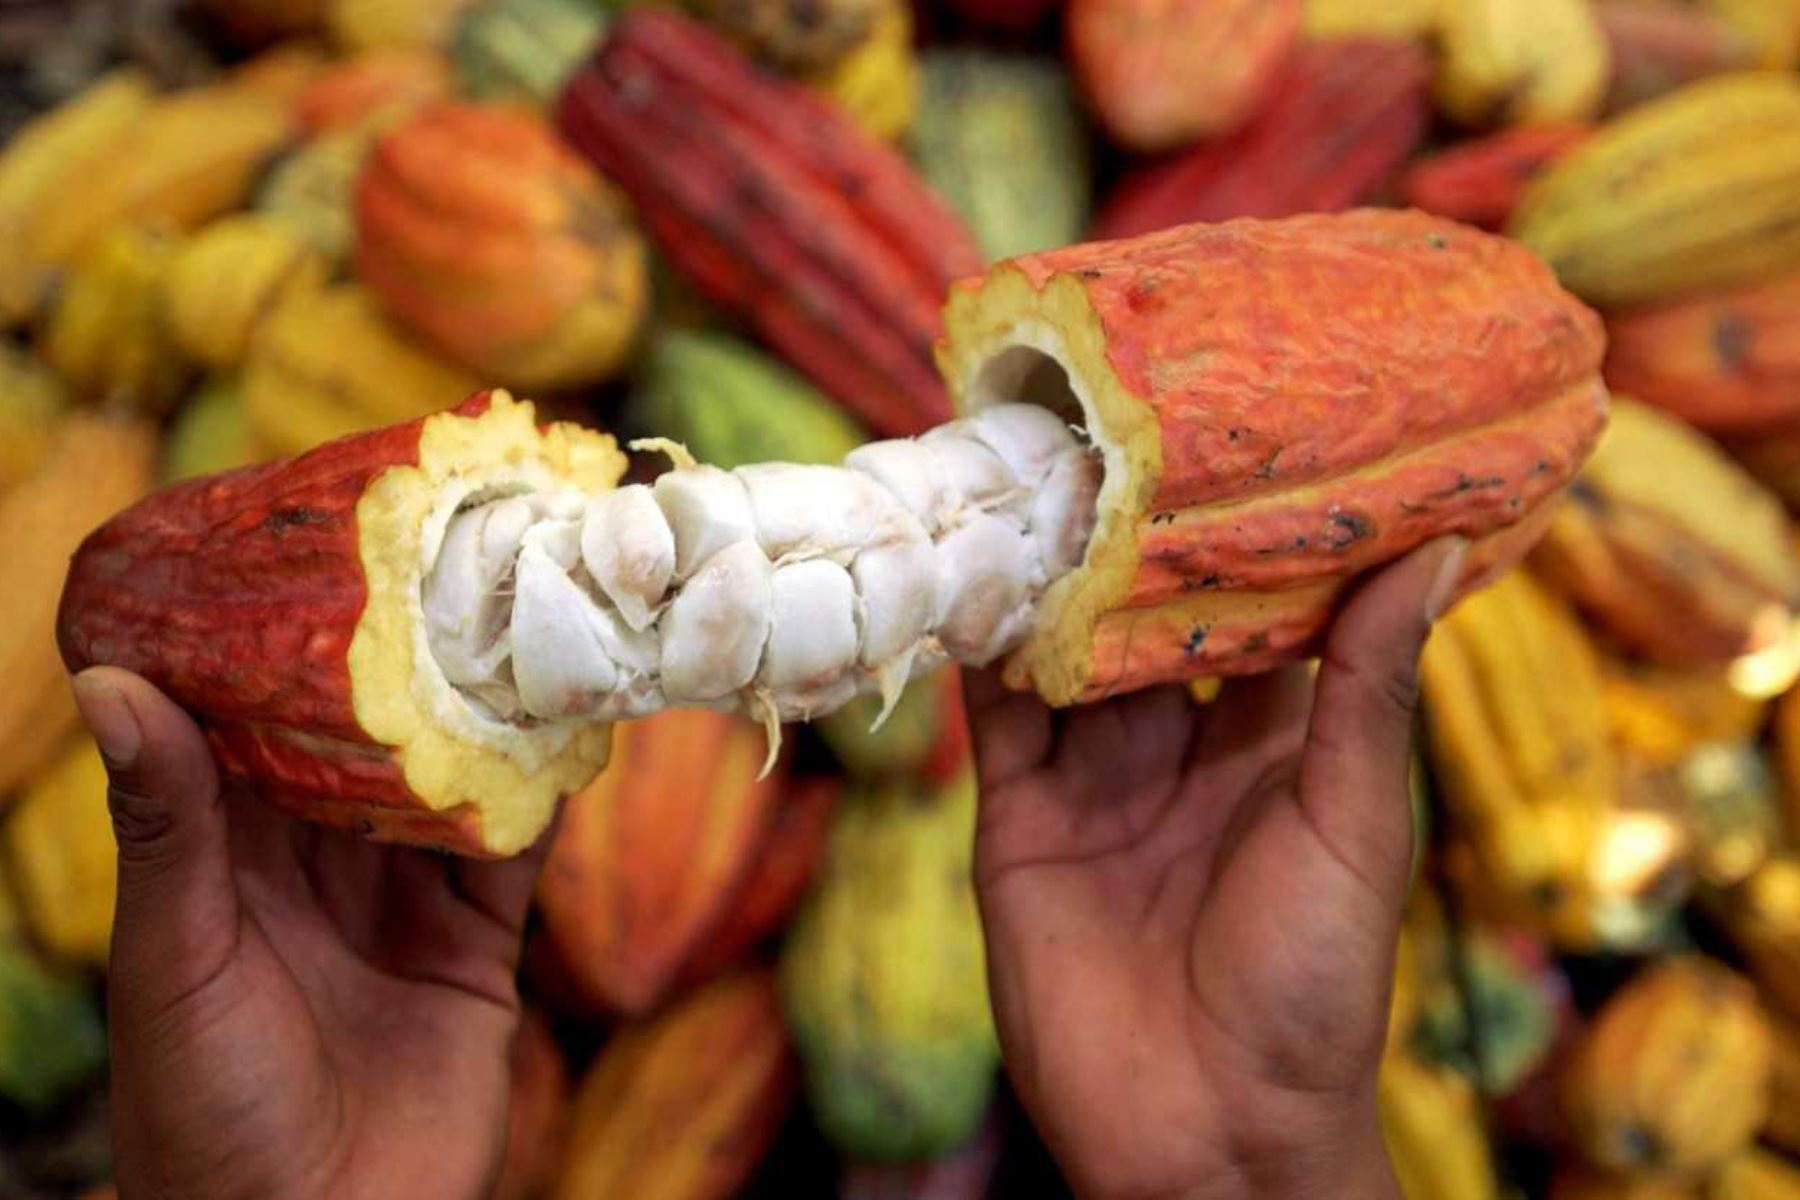 El Concejo Nacional de Ciencia, Tecnología e Innovación Tecnológica (Concytec), a través de su unidad ejecutora Fondecyt, financia proyectos orientados a investigar tecnologías para reducir la absorción de cadmio en la planta de cacao.